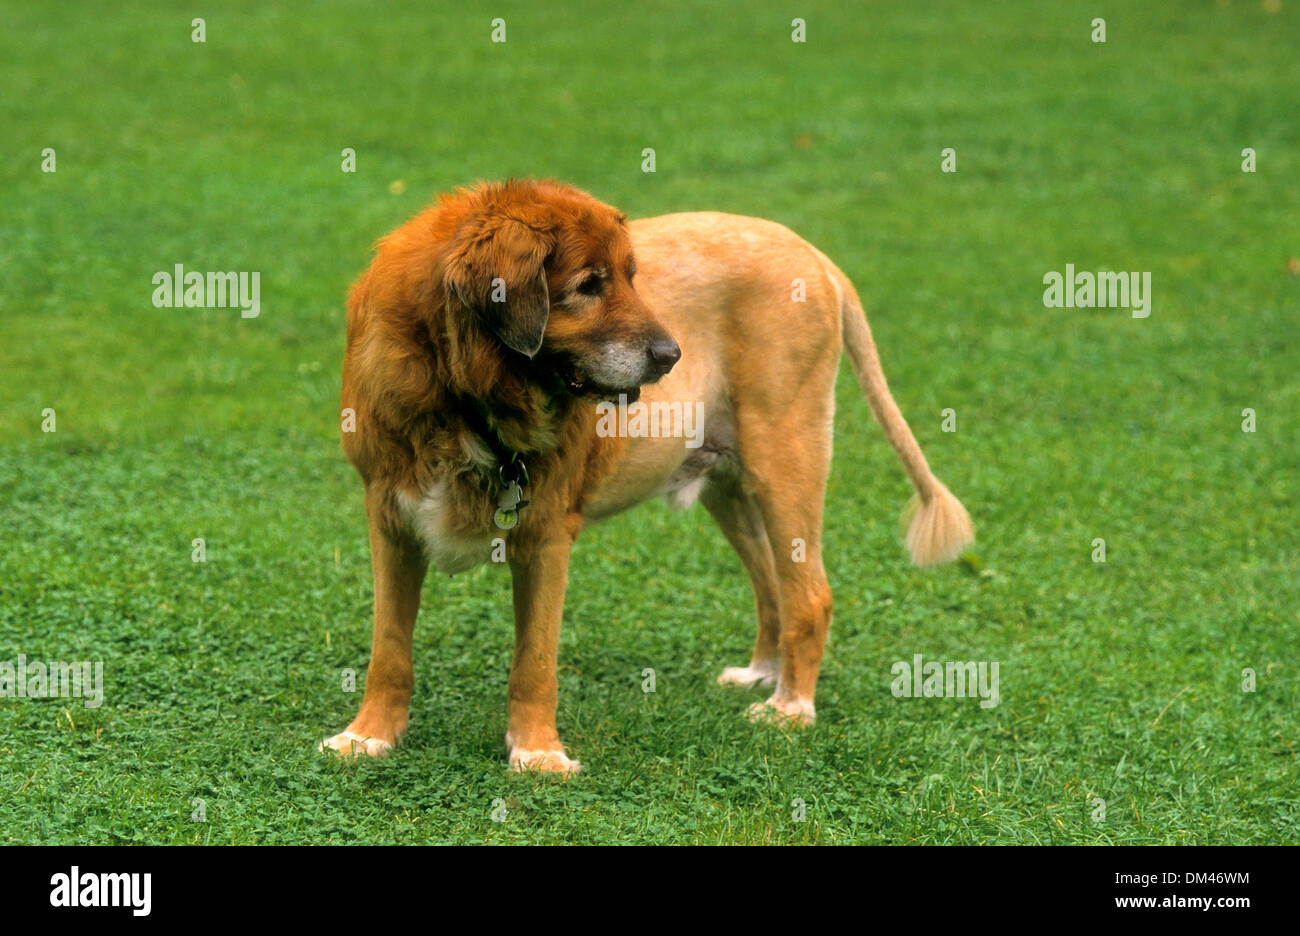 on 'Lion' trimmed dog, auf 'Löwe' getrimmter Hund - Stock Image